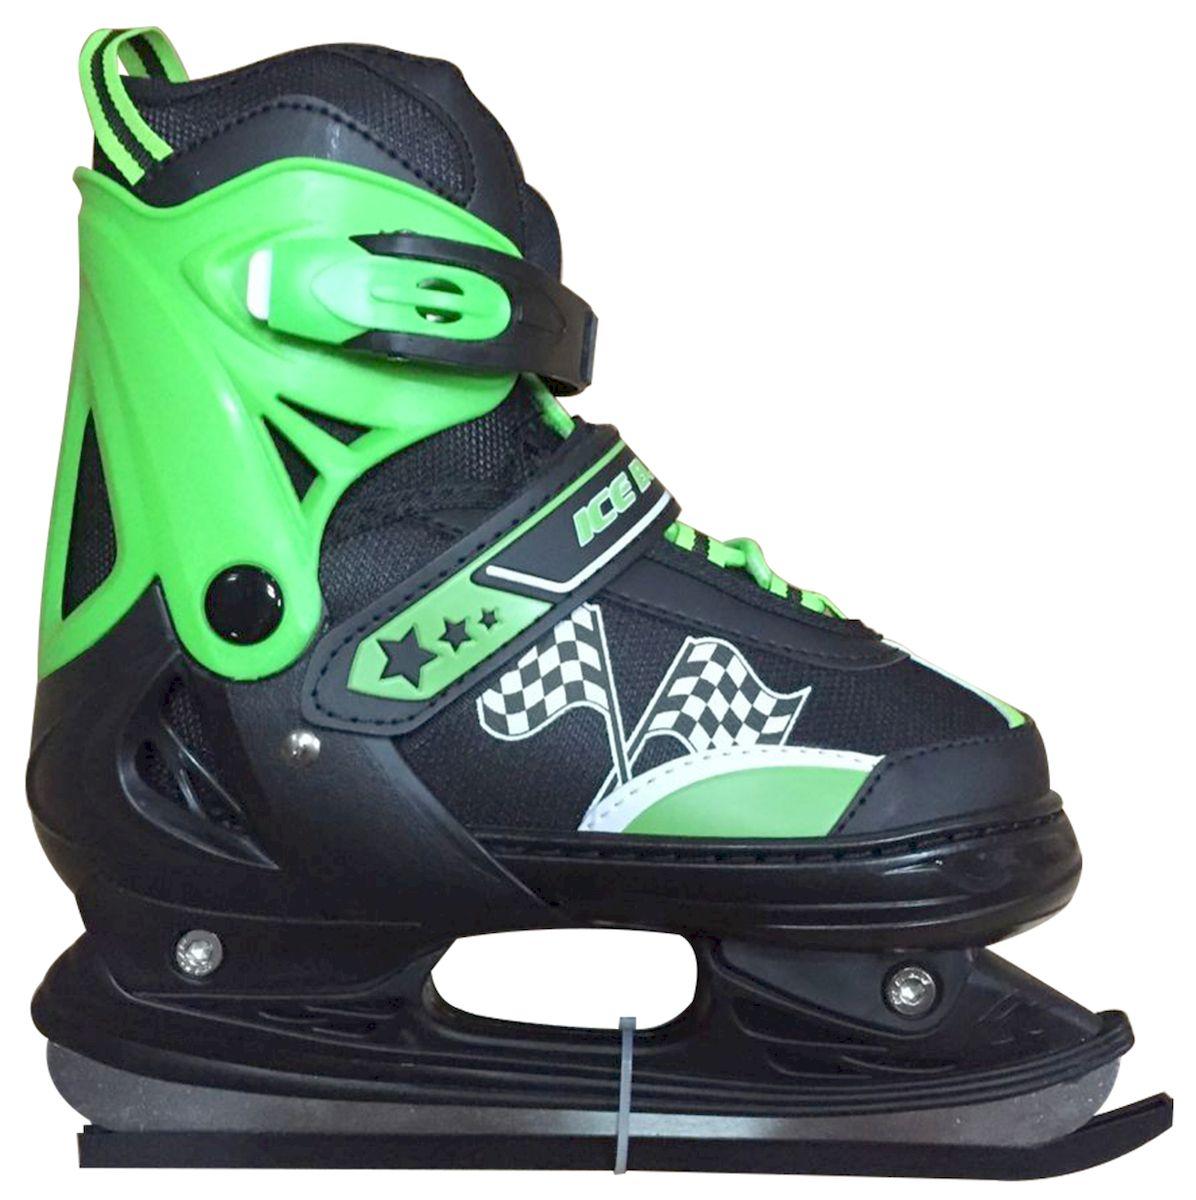 Коньки раздвижные Ice Blade Winner, цвет: черный, зеленый. УТ-00006879. Размер L (39/42)УТ-00006879Коньки раздвижные Winner - это классические раздвижные коньки от известного бренда Ice Blade, которые предназначены для детей и подростков, а также для тех, кто делает первые шаги в катании на льду. Коньки имеют яркий молодежный дизайн, теплый внутренний сапожок, удобная трехуровневая система фиксации ноги, легкая смена размера, надежная защита пятки и носка - все это бесспорные преимущества модели Winner. Коньки поставляются с заводской заточкой лезвия, что позволяет сразу приступить к катанию и не тратить денег на заточку. Данная модель оснащена хоккейным лезвием. Предназначены для использования на открытом и закрытом льду Основные характеристики: Назначение: раздвижные коньки Тип фиксации: клипса с фиксатором, липучка, шнурки Дополнительные характеристики: Материал ботинка: морозостойкий пластик Внутренняя отделка: теплый текстильный материал Лезвие: выполнено из высокоуглеродистой стали с покрытием из никеля Упаковка: удобная сумка